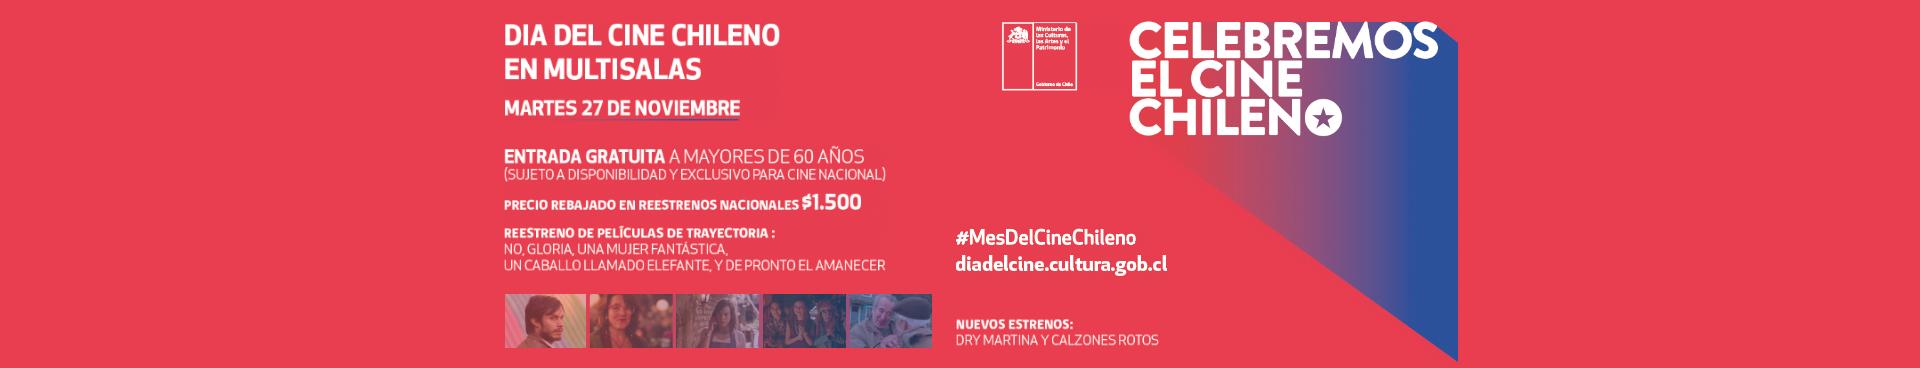 DÍA DEL CINE CHILENO